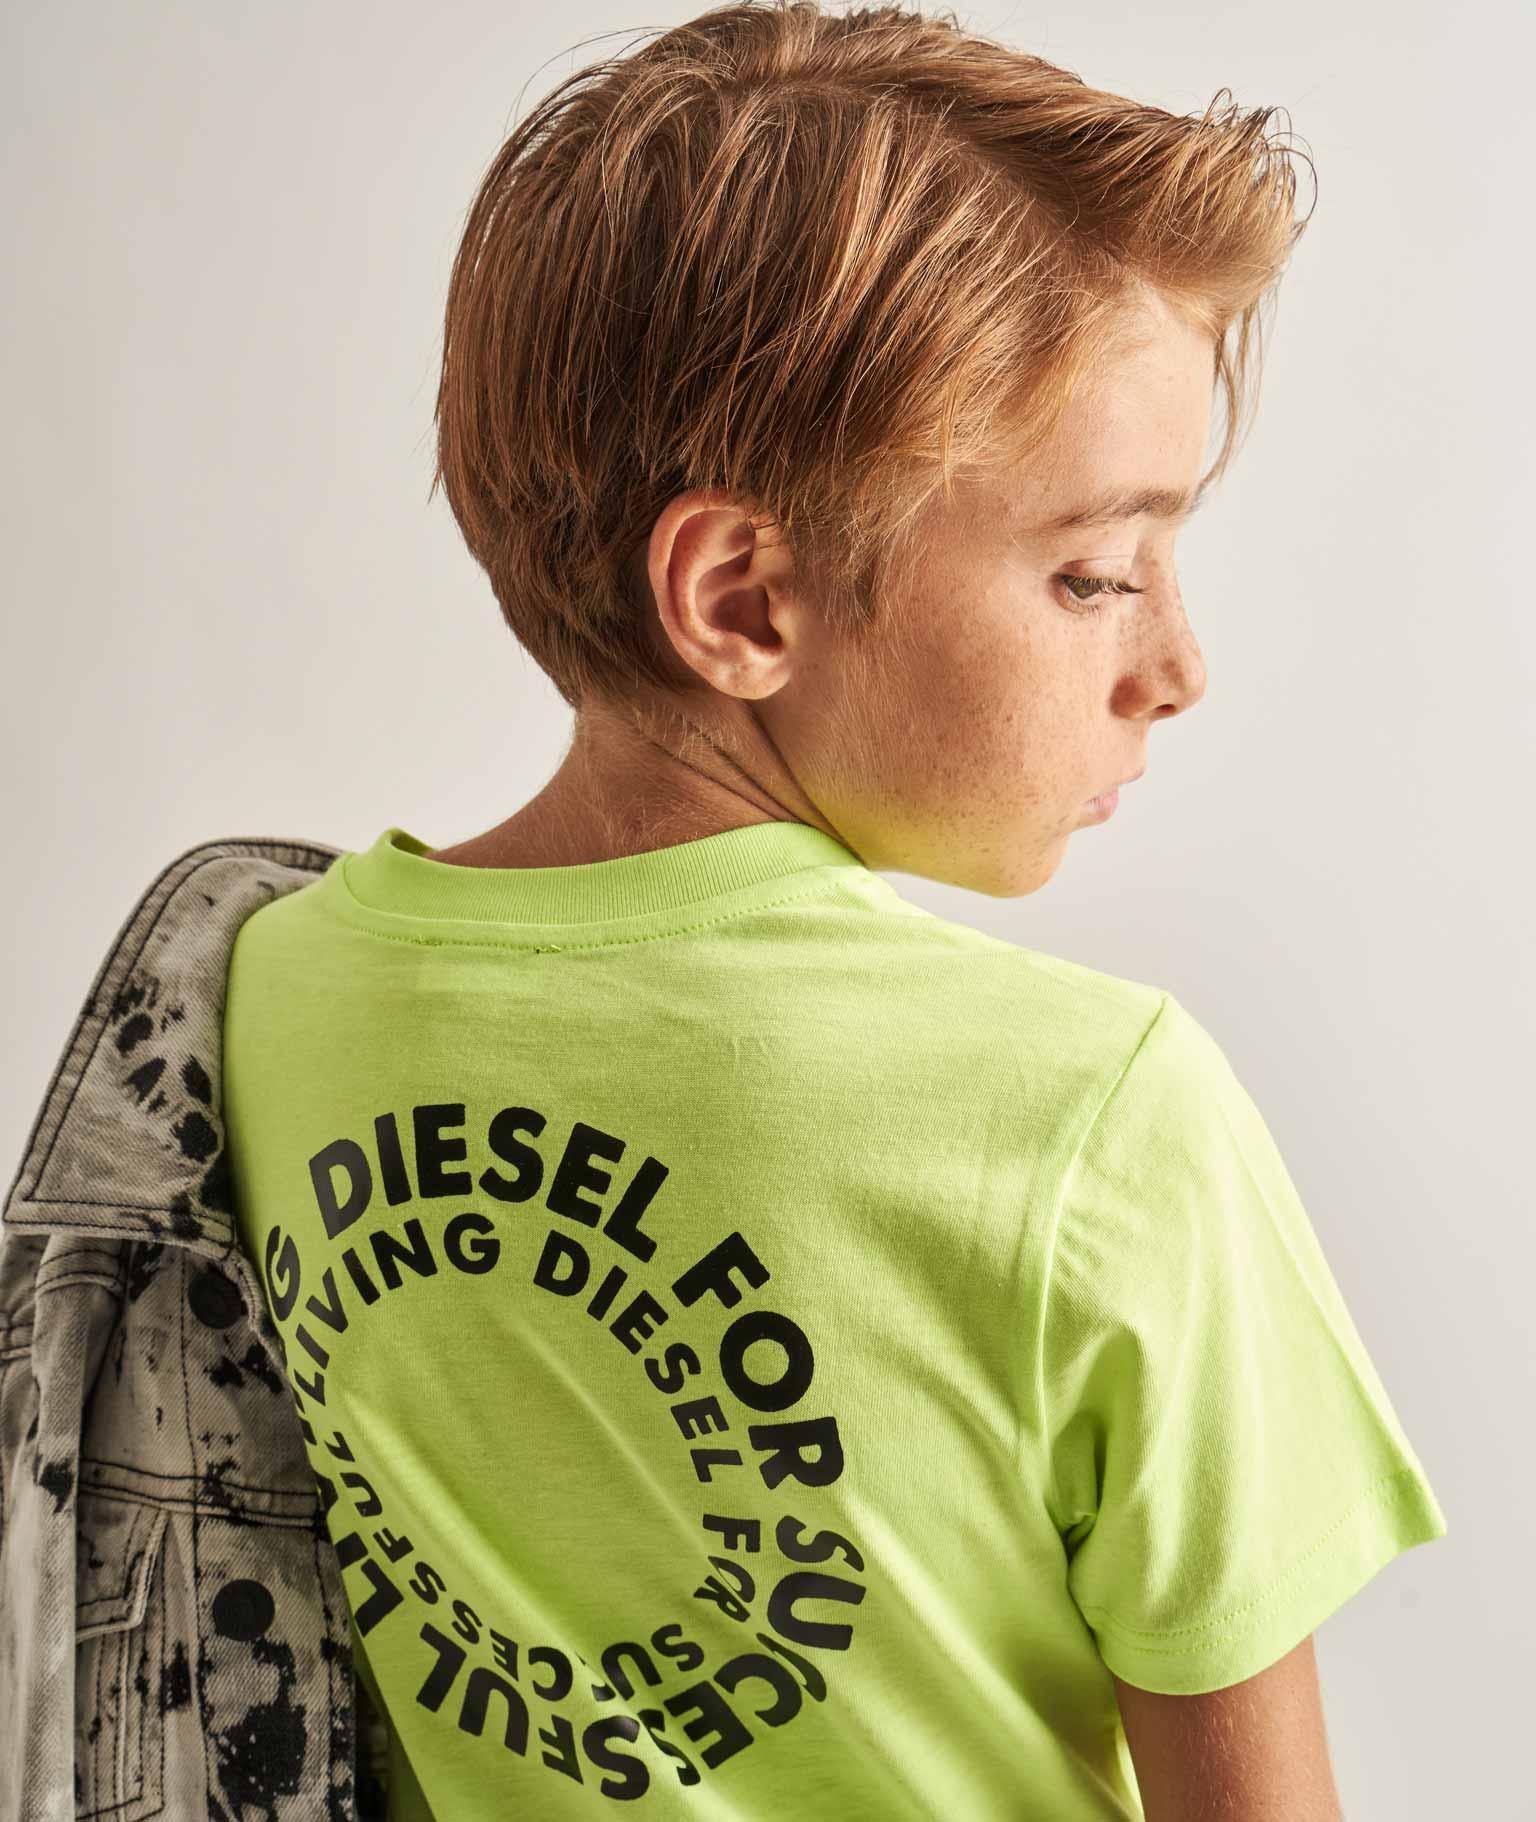 Shop on Diesel.com